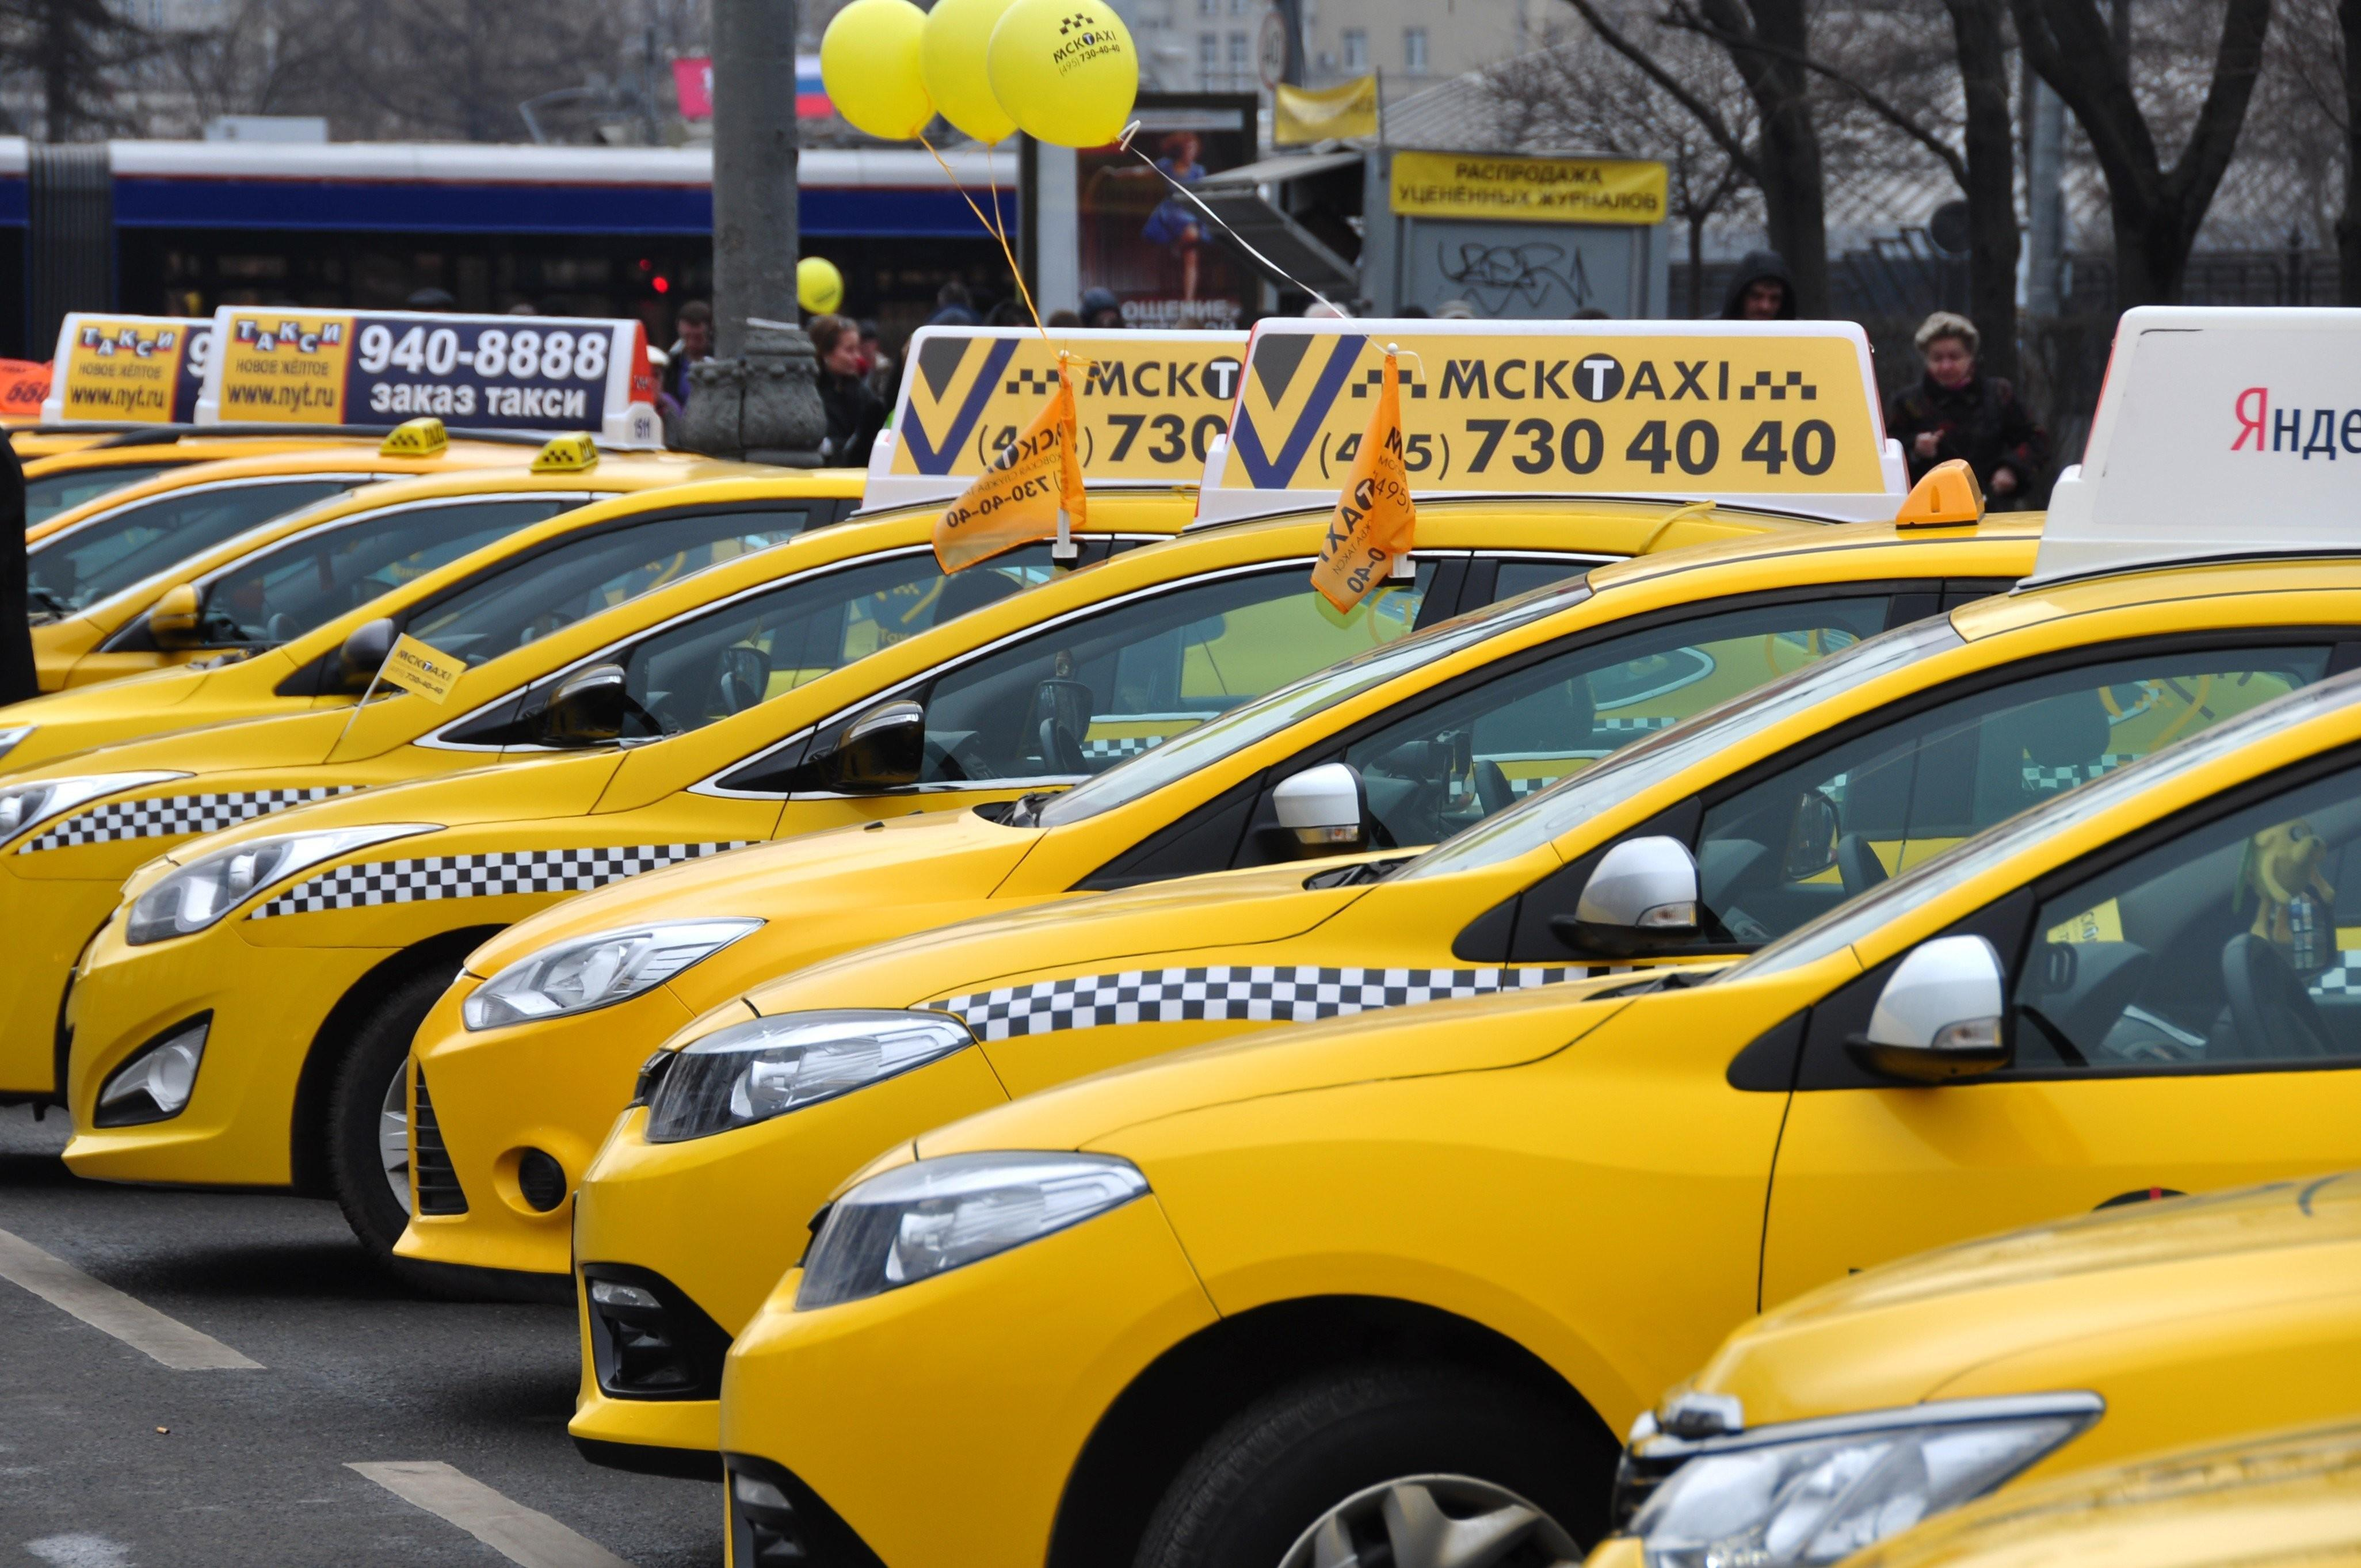 Разозлился, что разбудили. Полиция нашла пьяного пассажира такси, открывшего стрельбу на МКАД